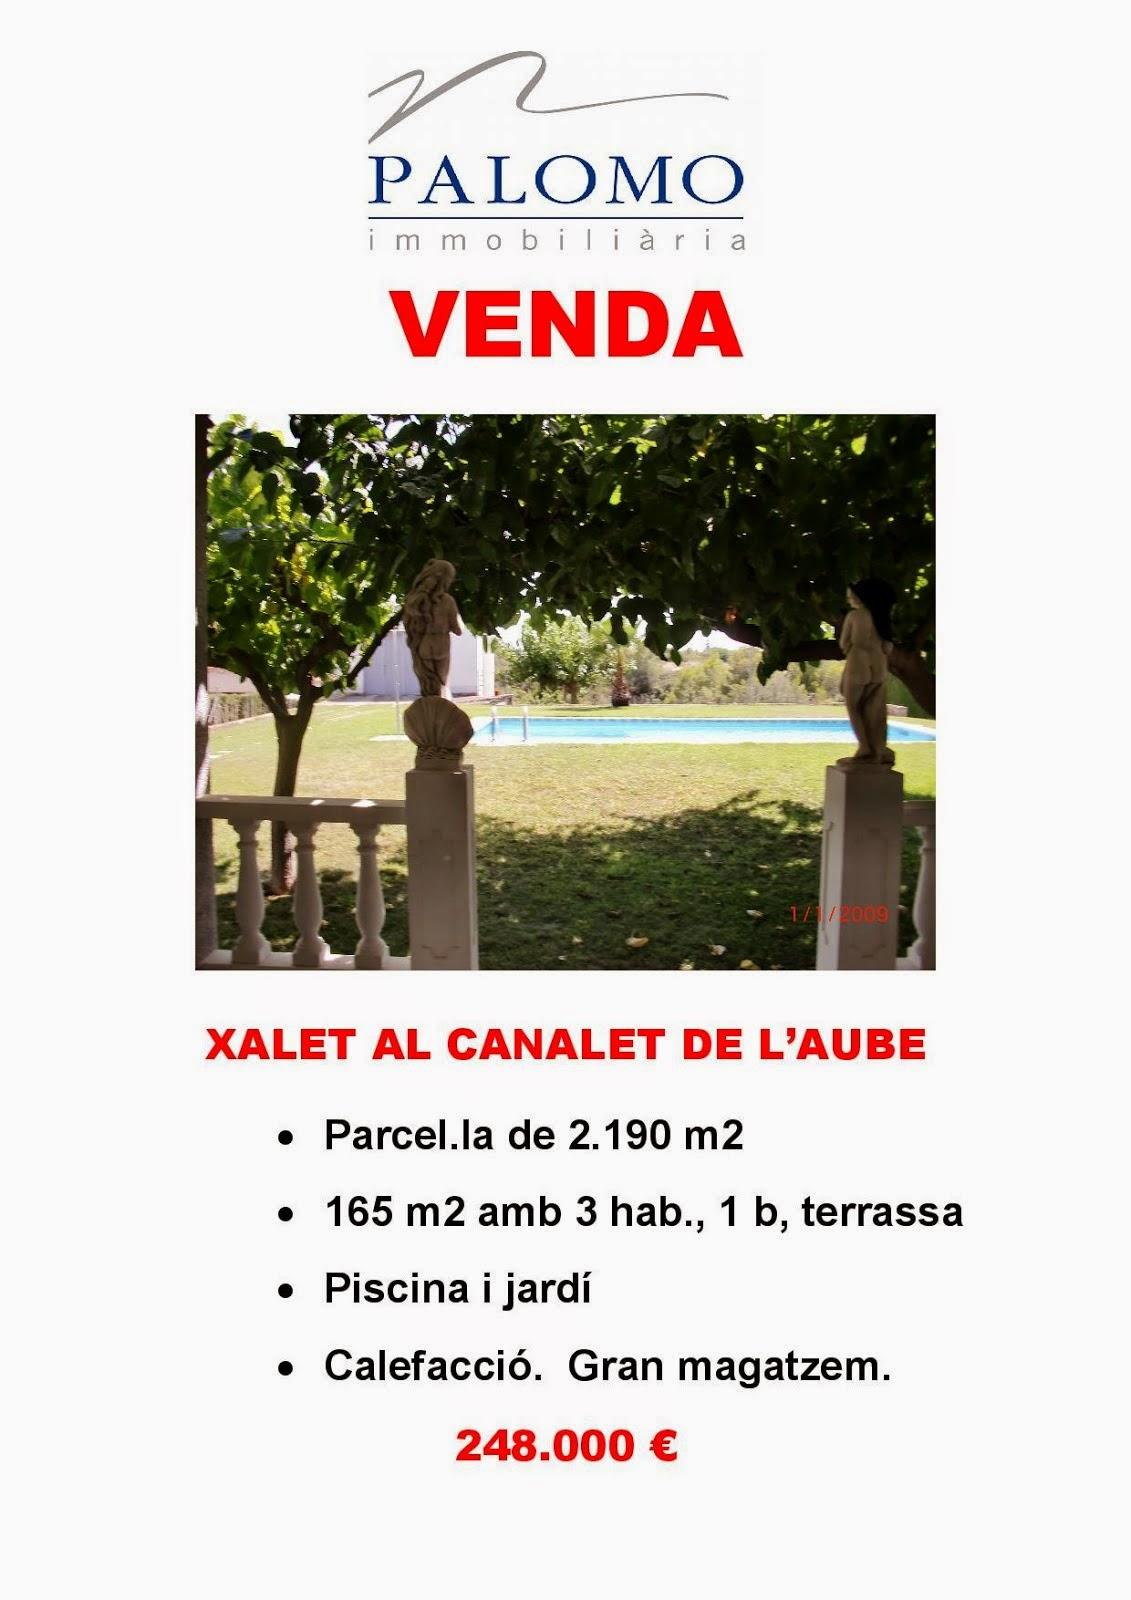 XALET AL CANALET DE L'AUBE